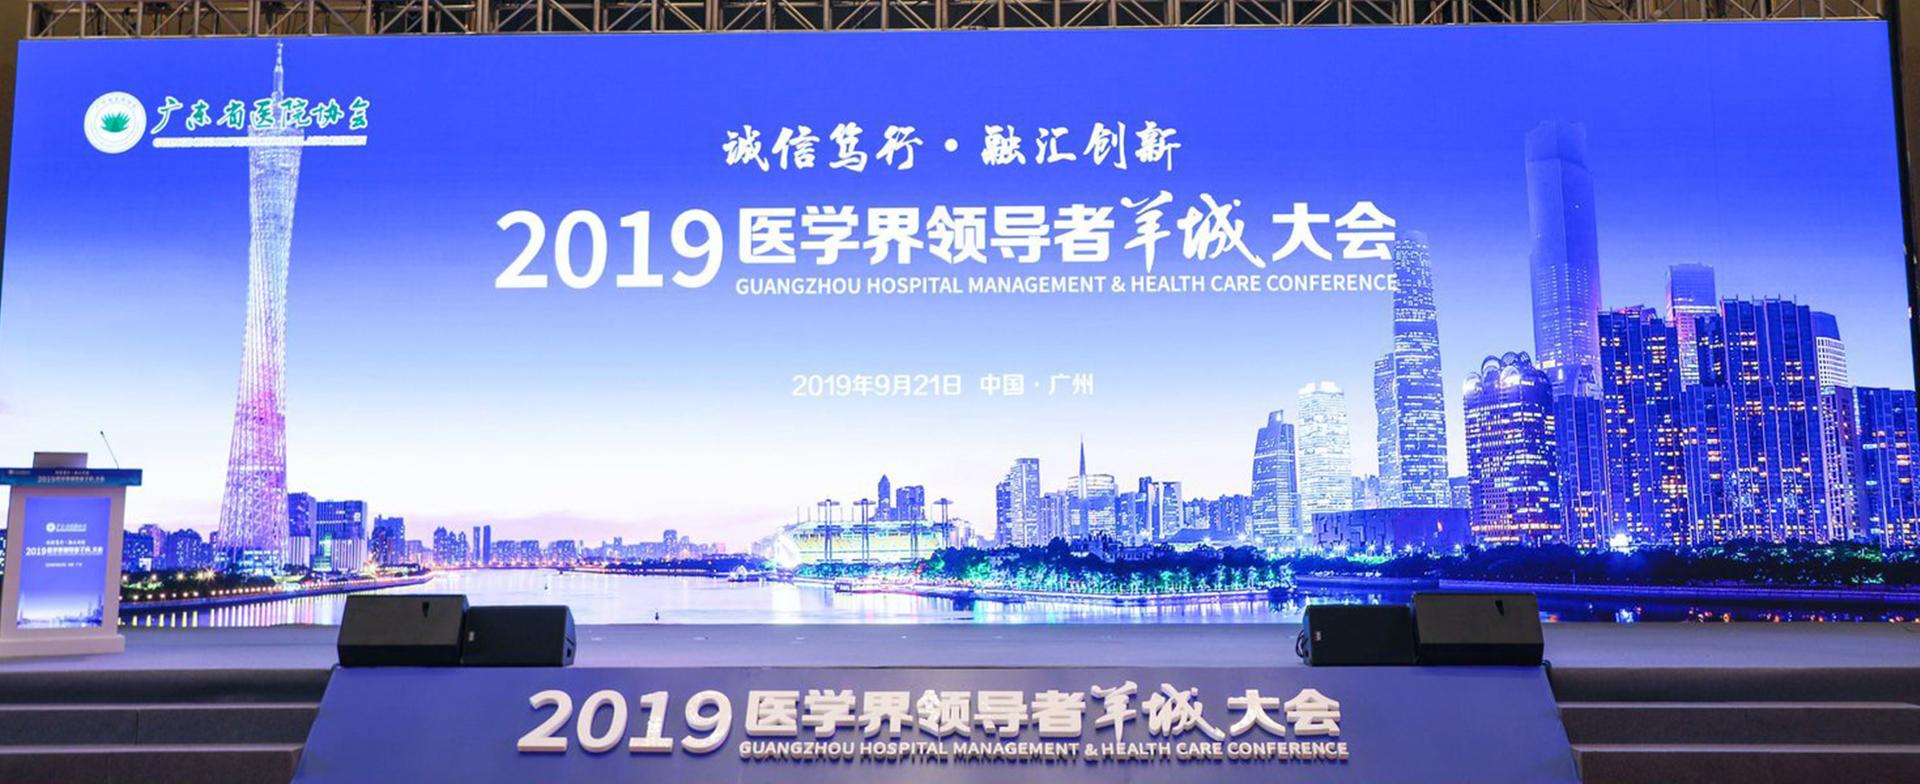 """2019年9月21日""""医学界领导者羊城大会""""隆重举行"""